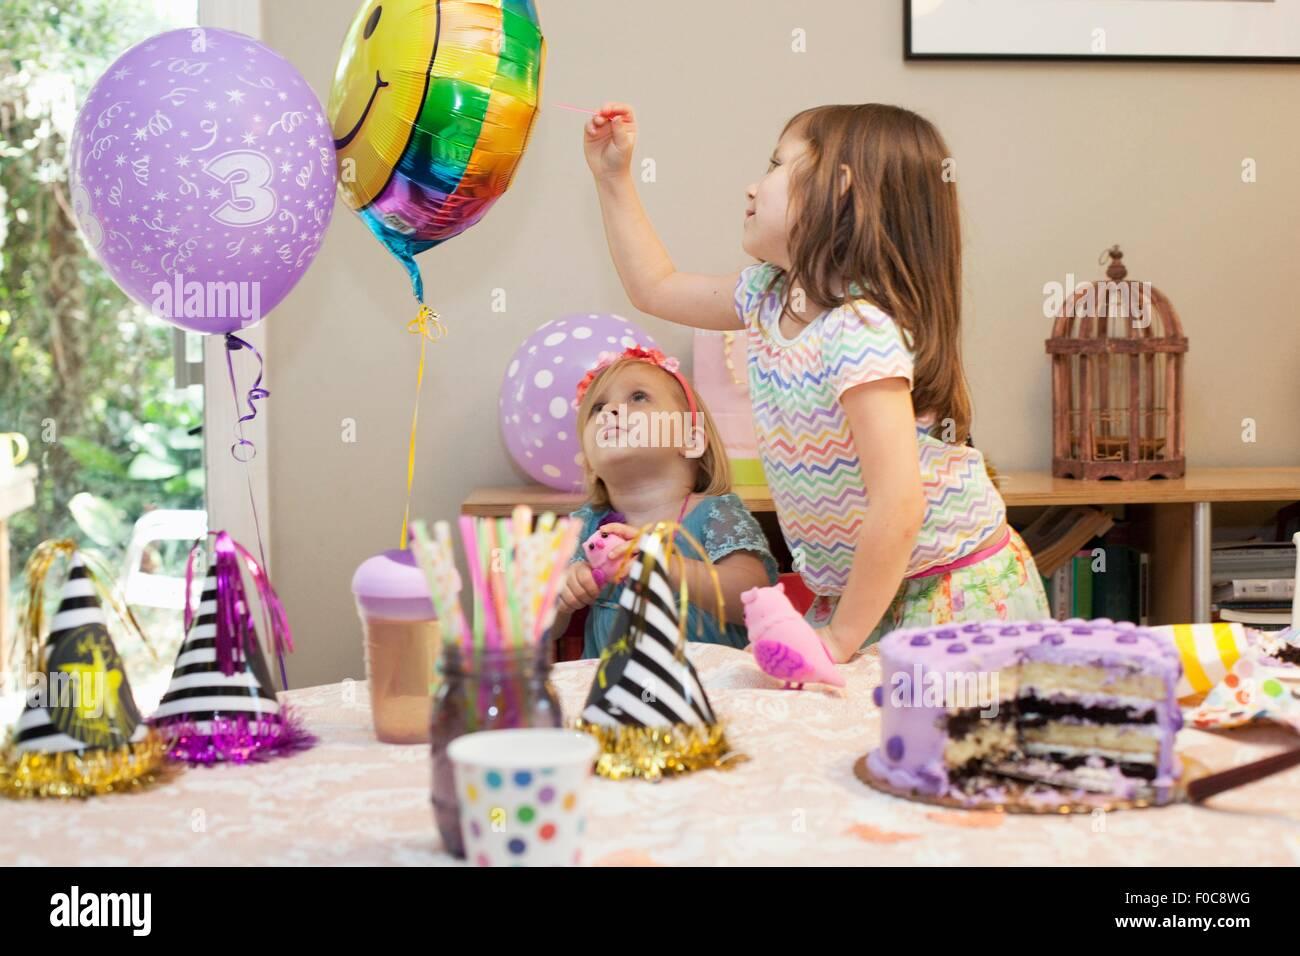 Dos niñas sentados en la mesa de fiesta de cumpleaños con tarta jugando con globos Imagen De Stock